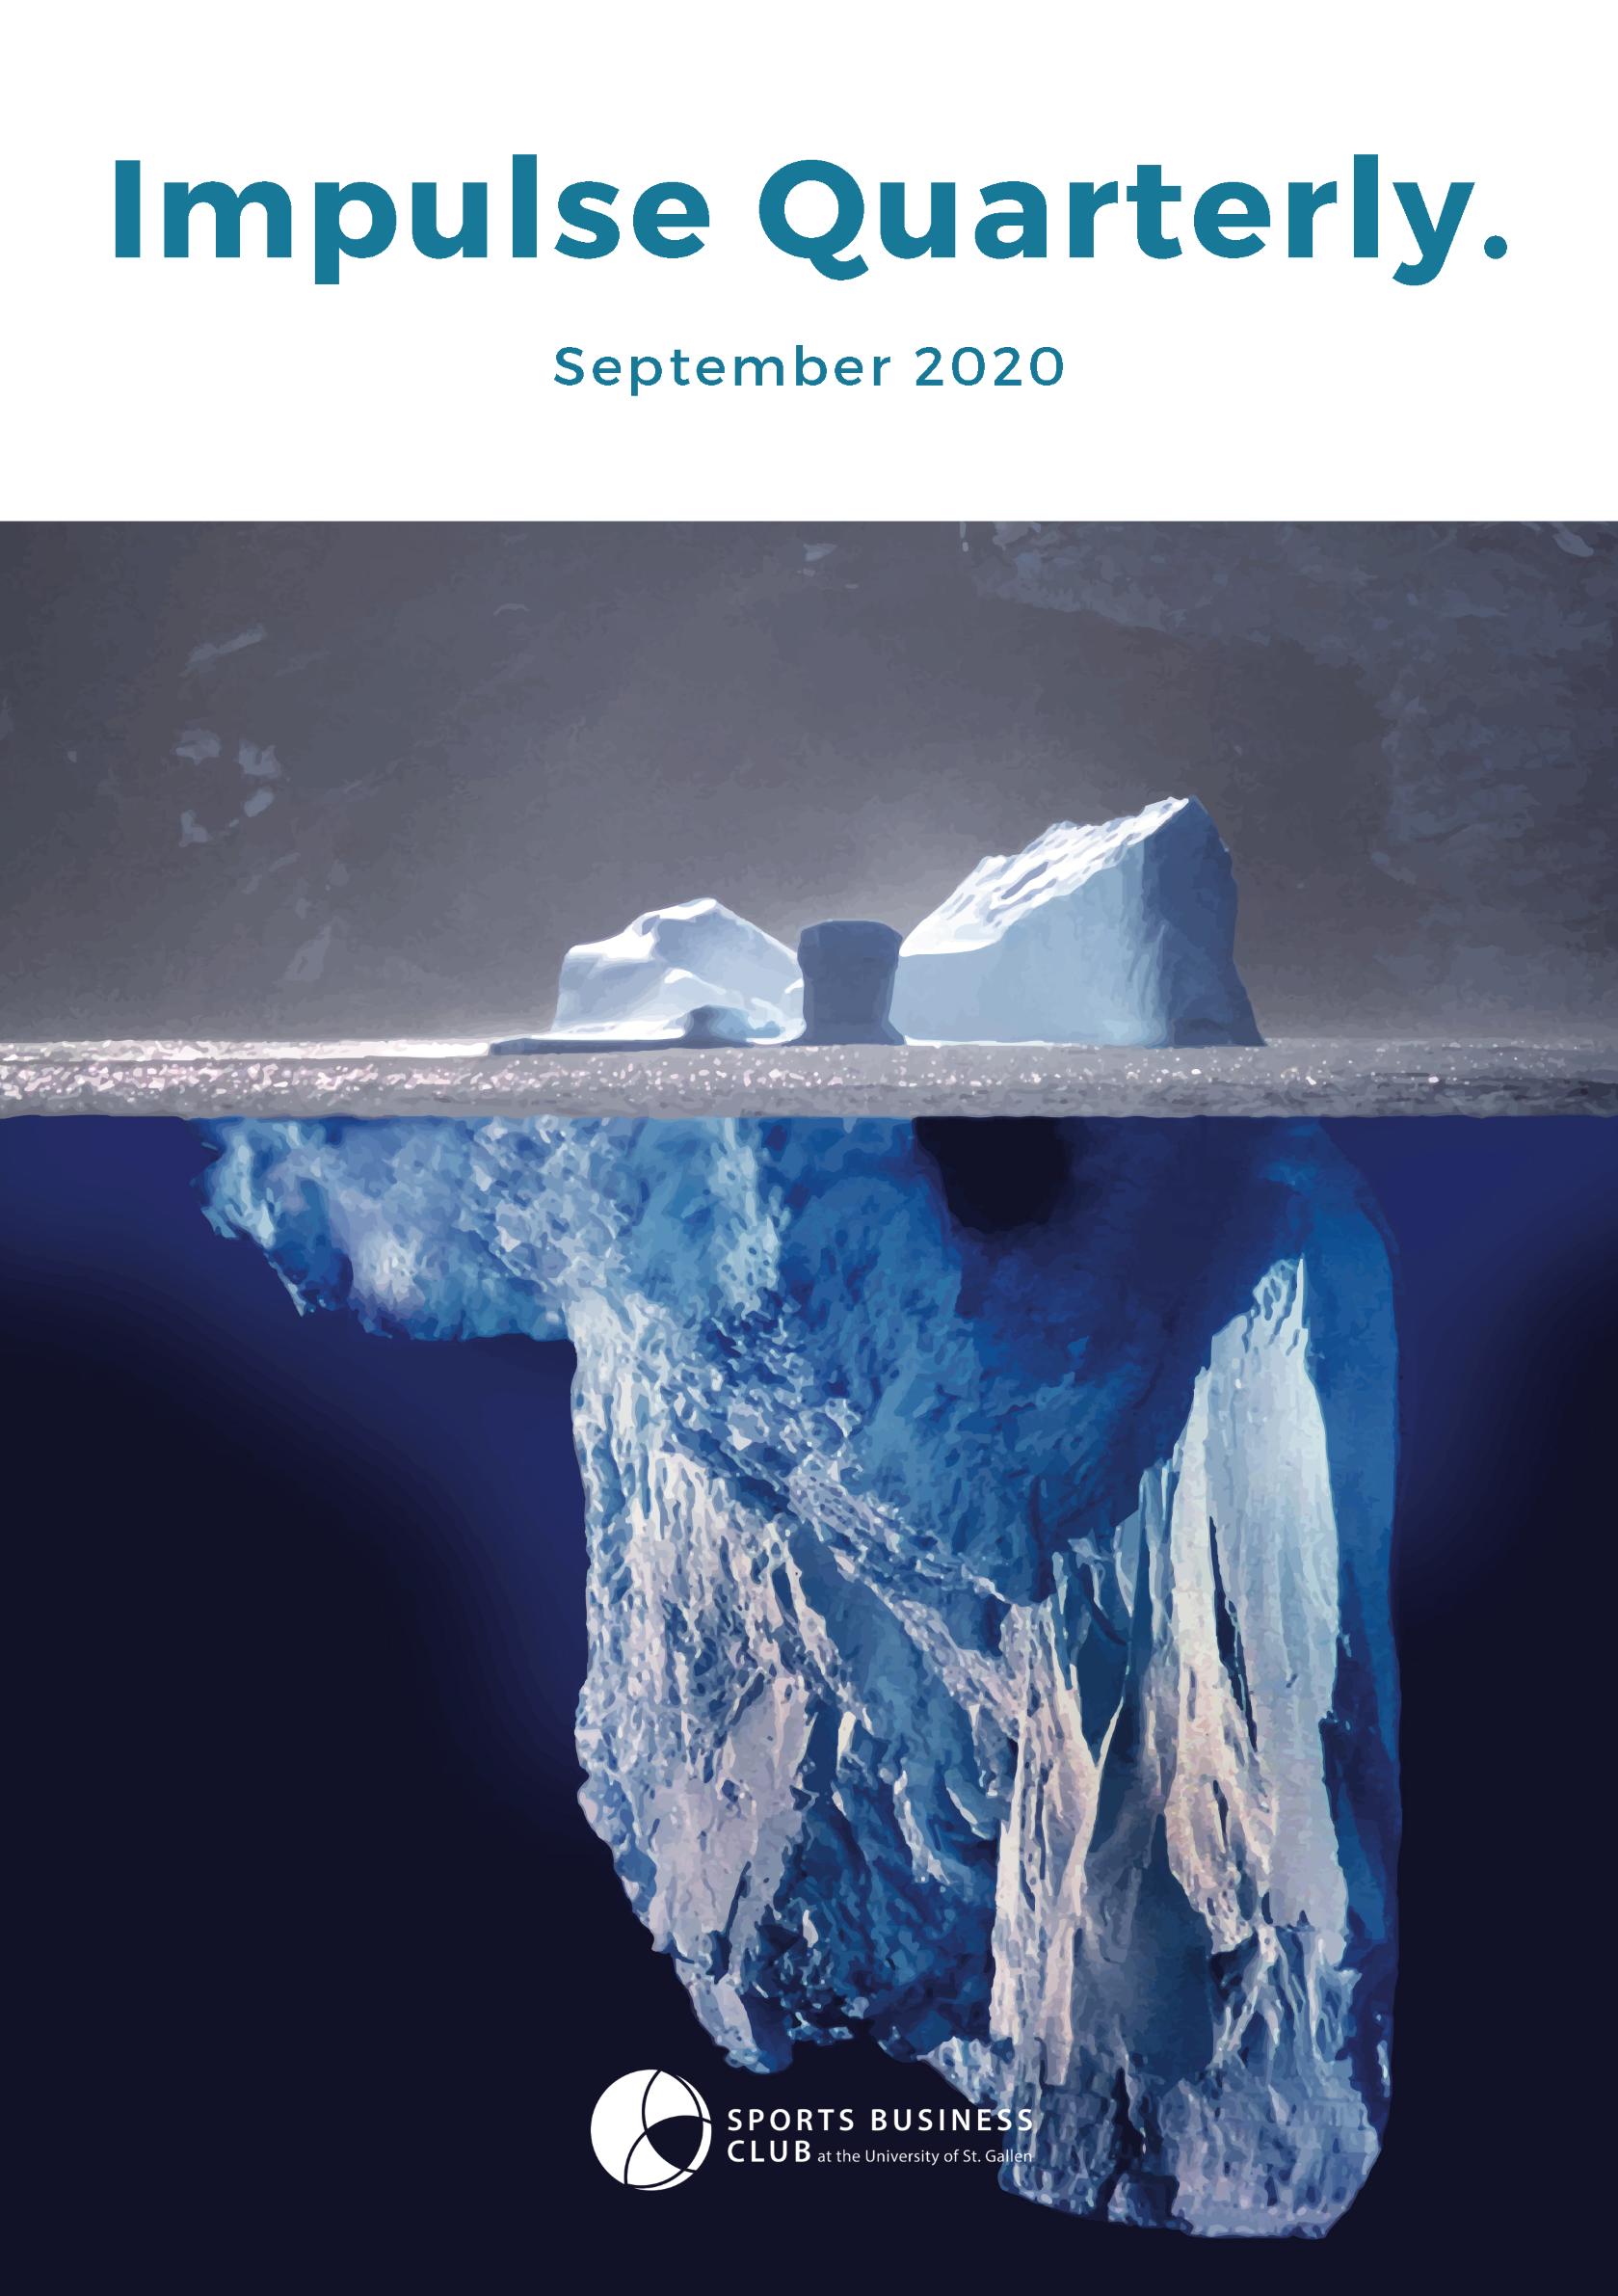 Impulse Quarterly September 2020